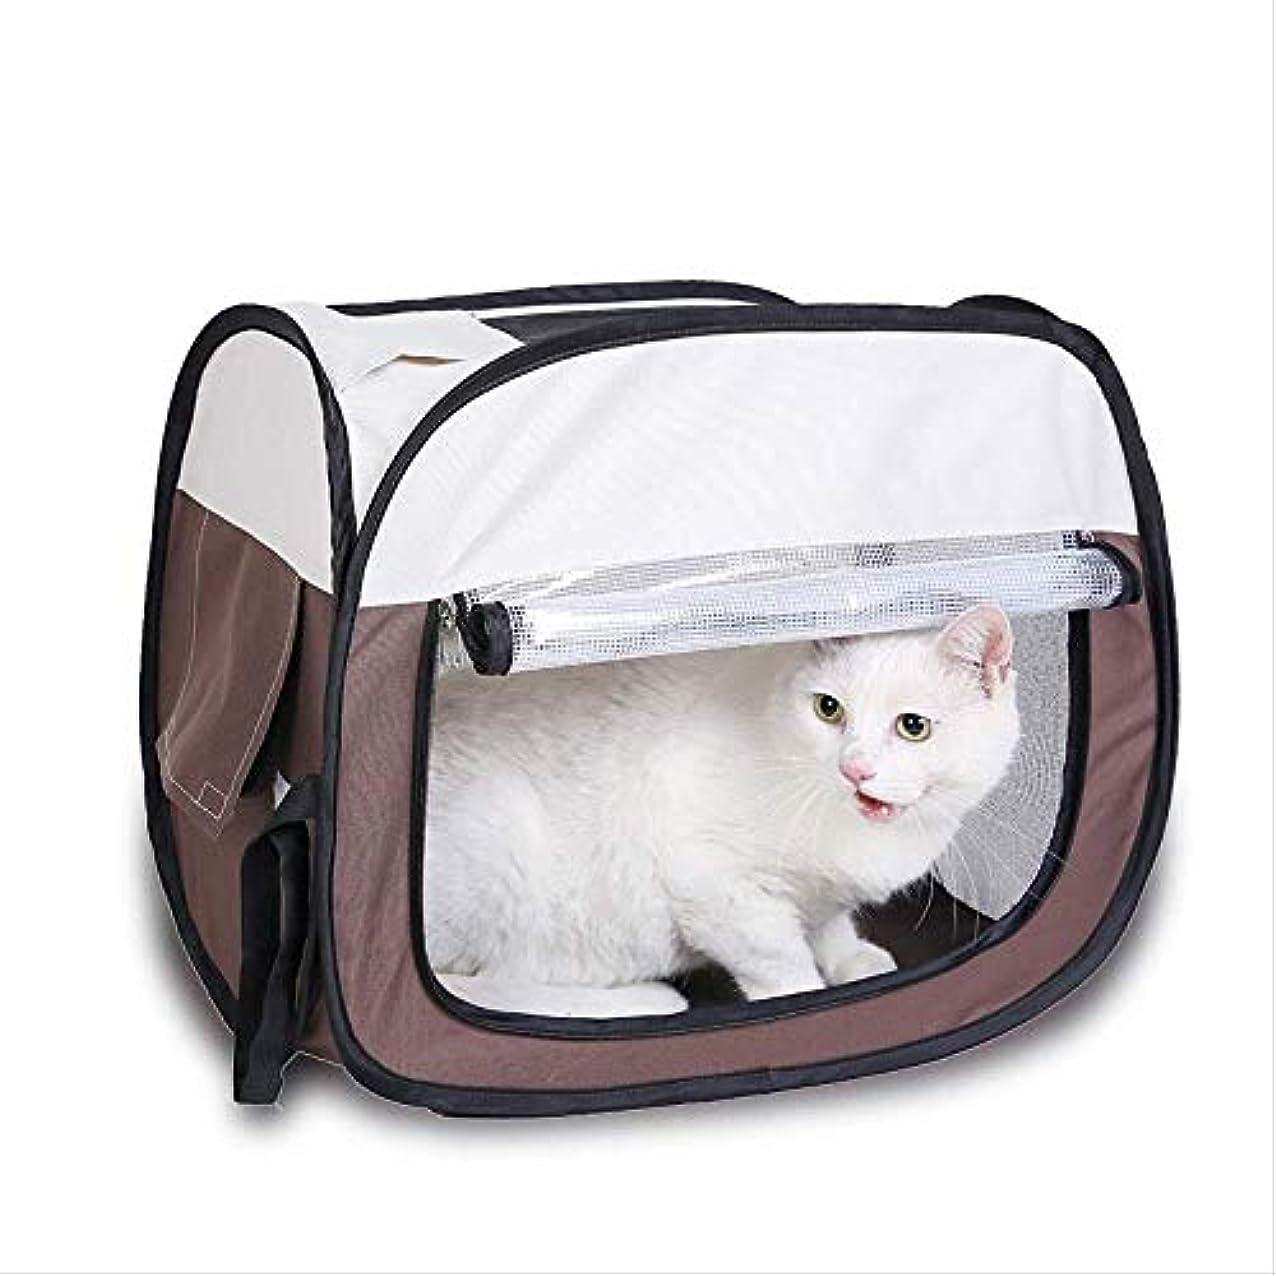 大惨事迷惑絵Small Pet Dog ペットのバスボックス猫犬の入浴機乾燥ヘアドライヤー風呂バッグサイズ犬ホーム吹く髪アーティファクト Cat